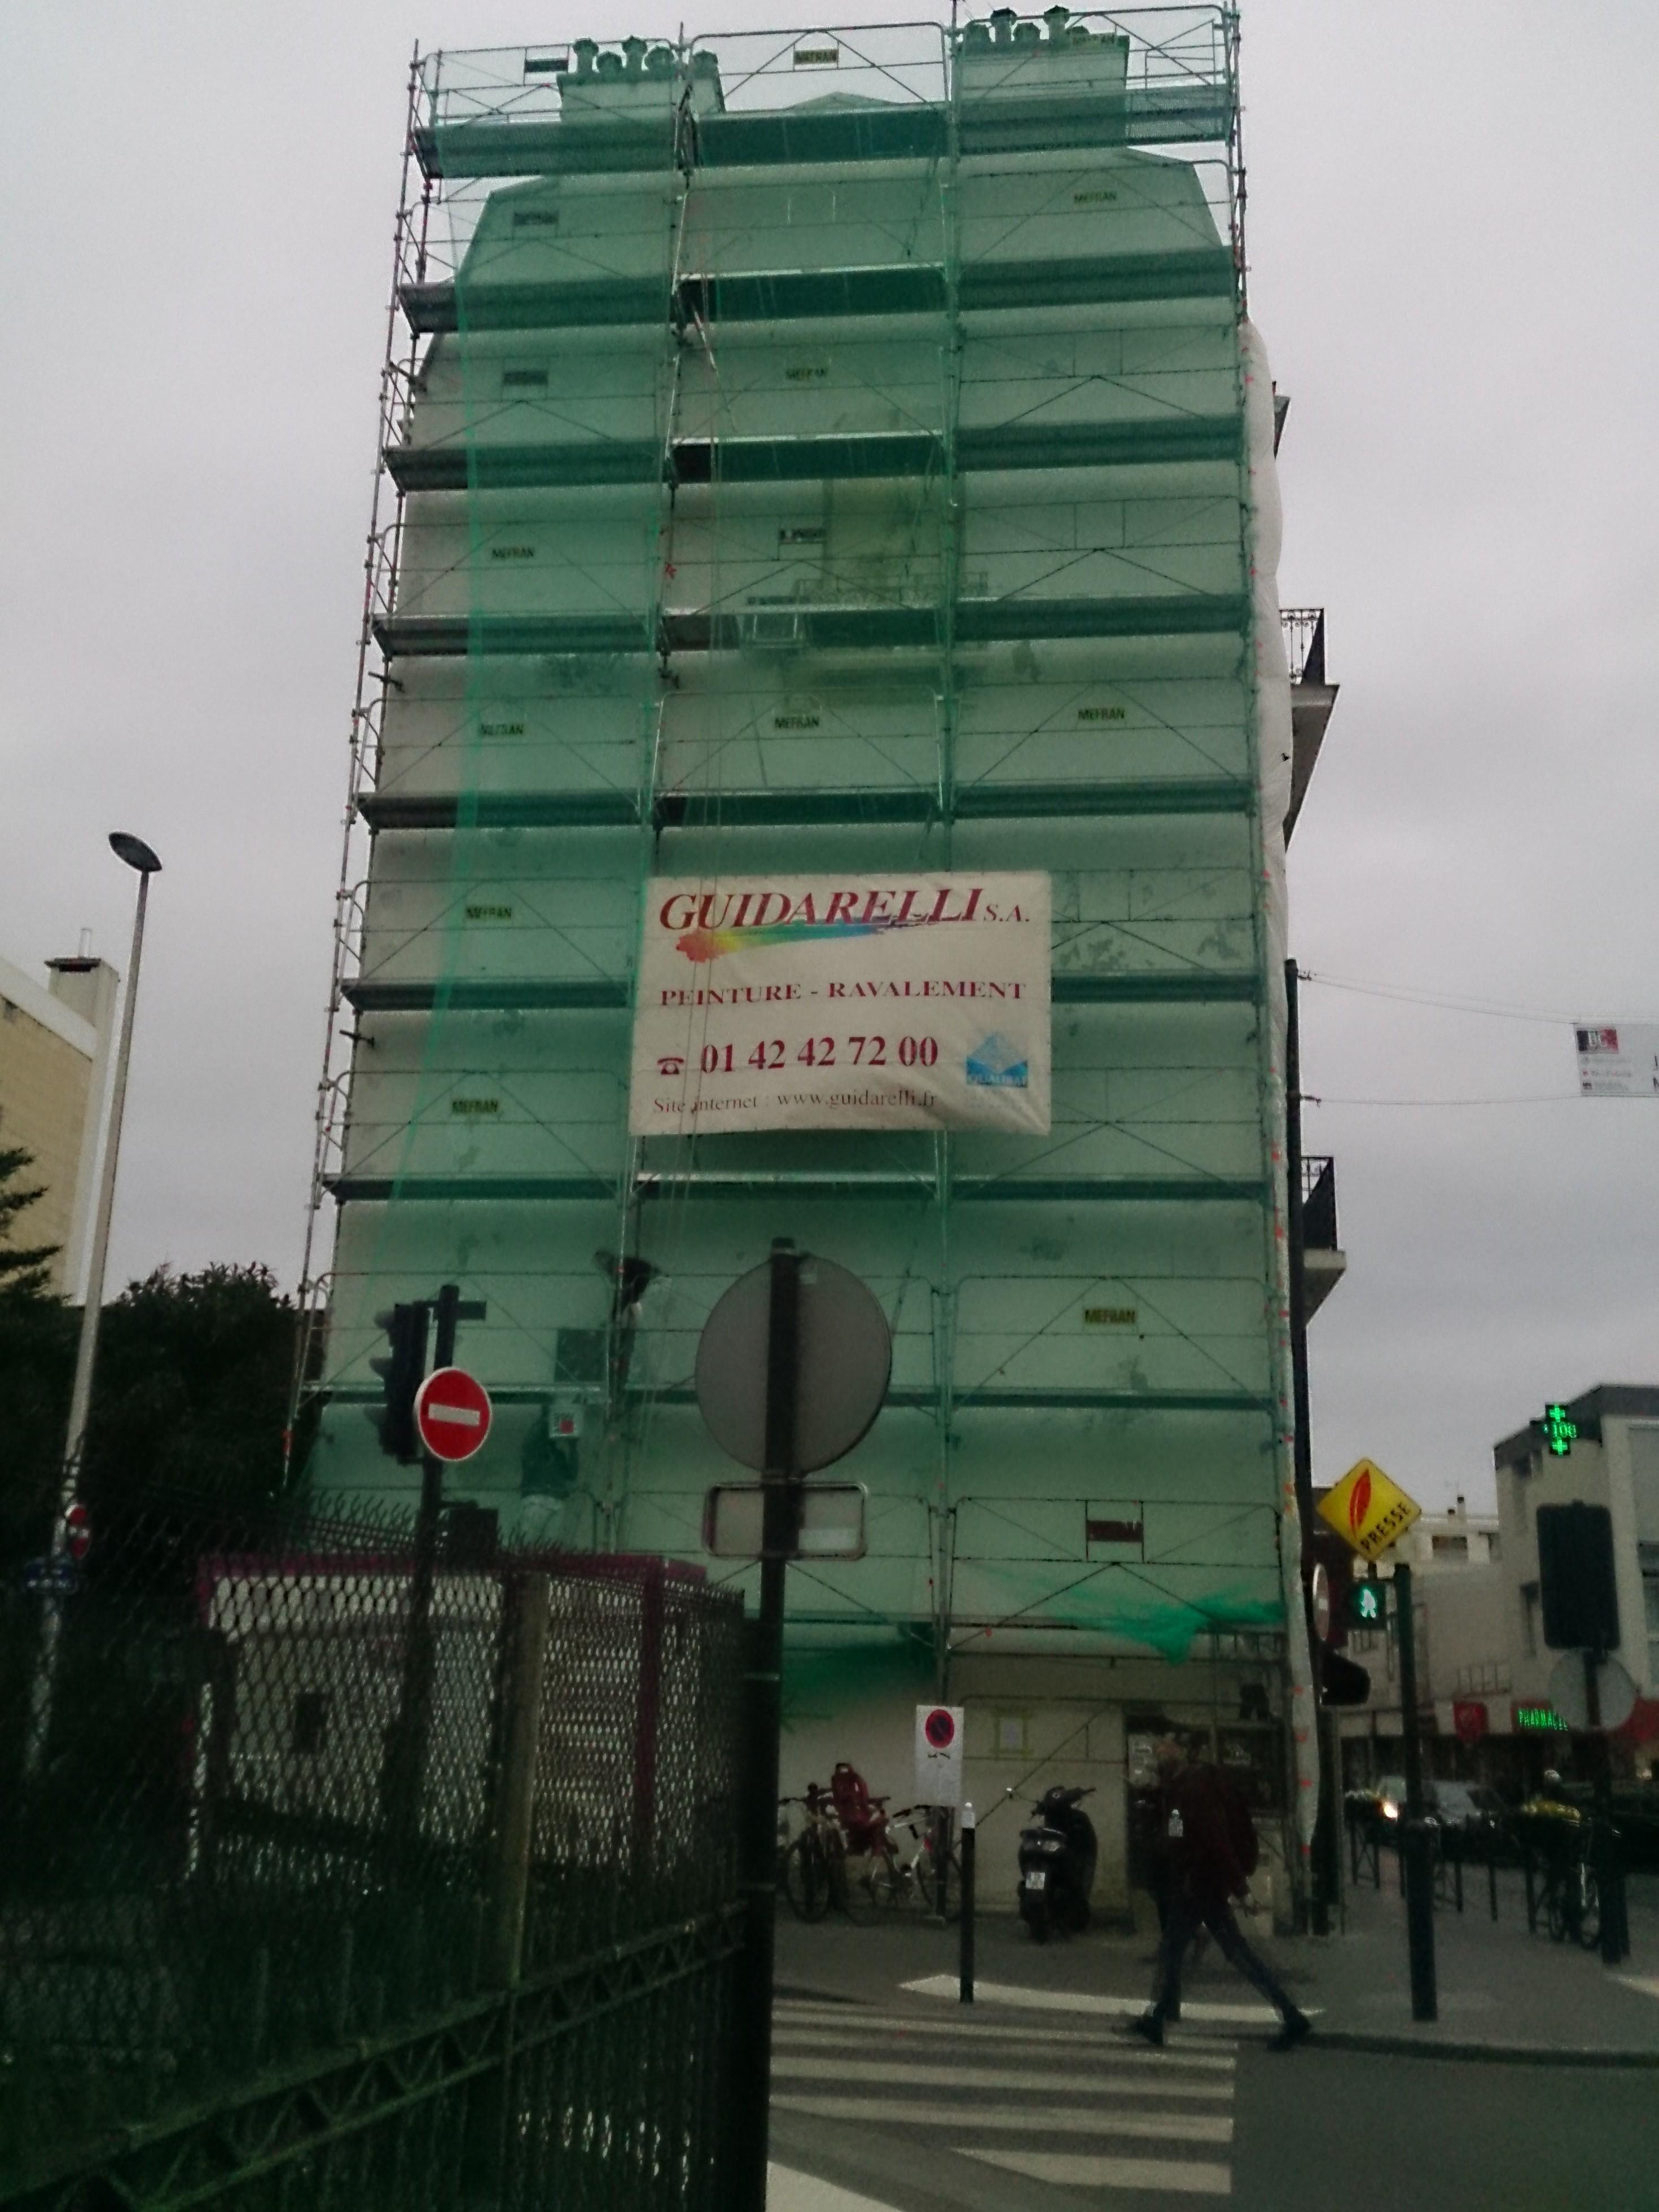 Ravalement - 3 rue Estiennes d'Orves 92230 - Bois-Colombes